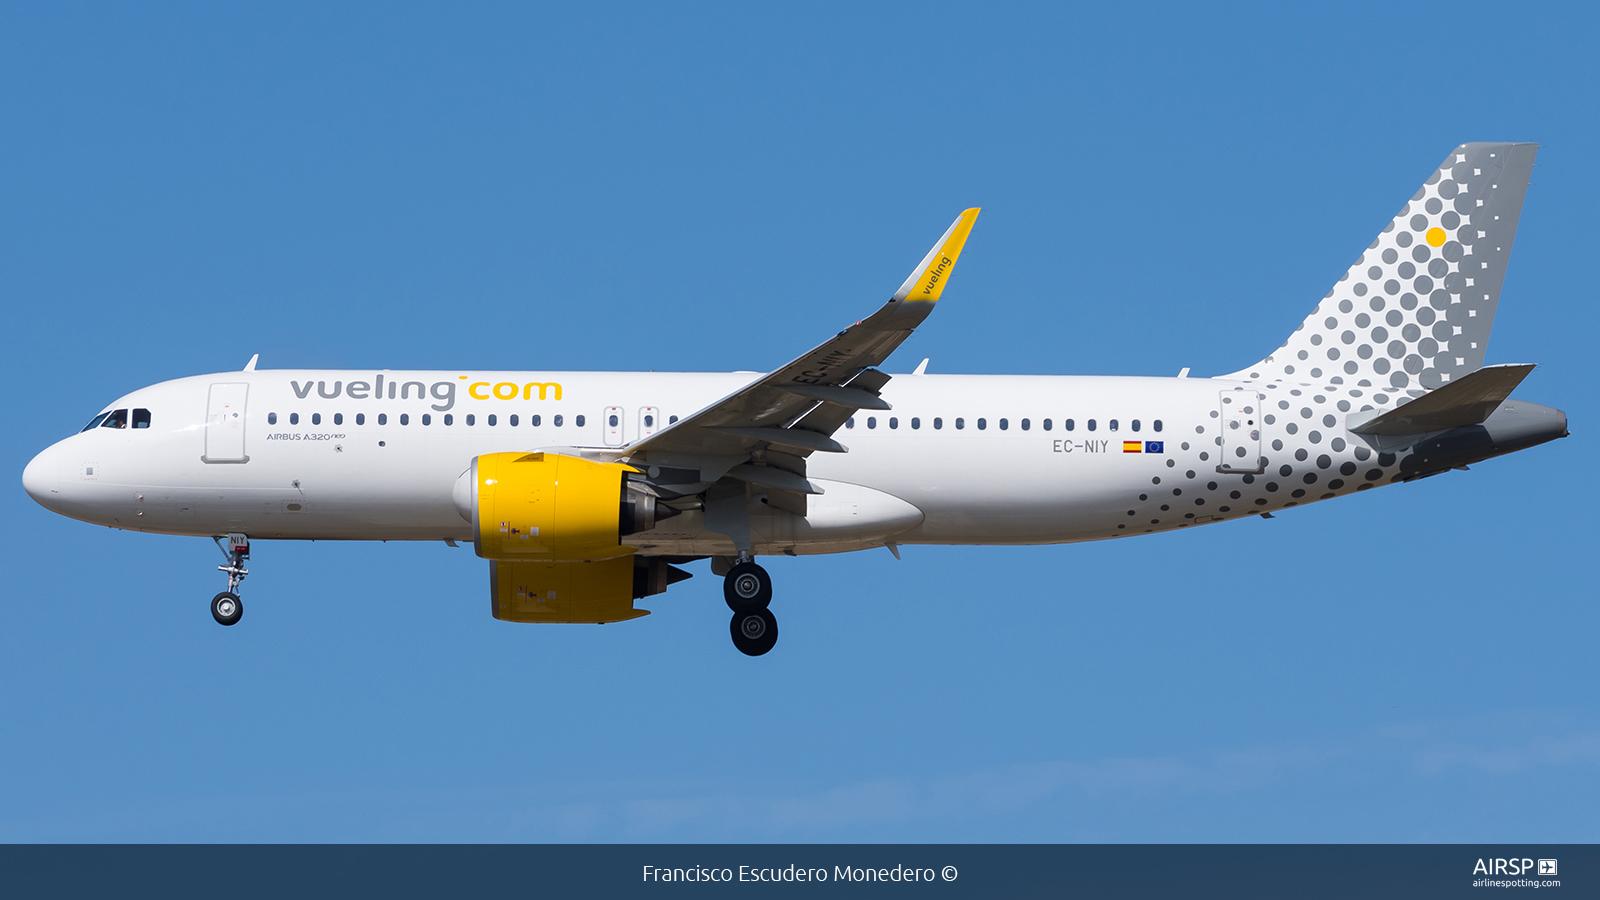 Vueling  Airbus A320neo  EC-NIY